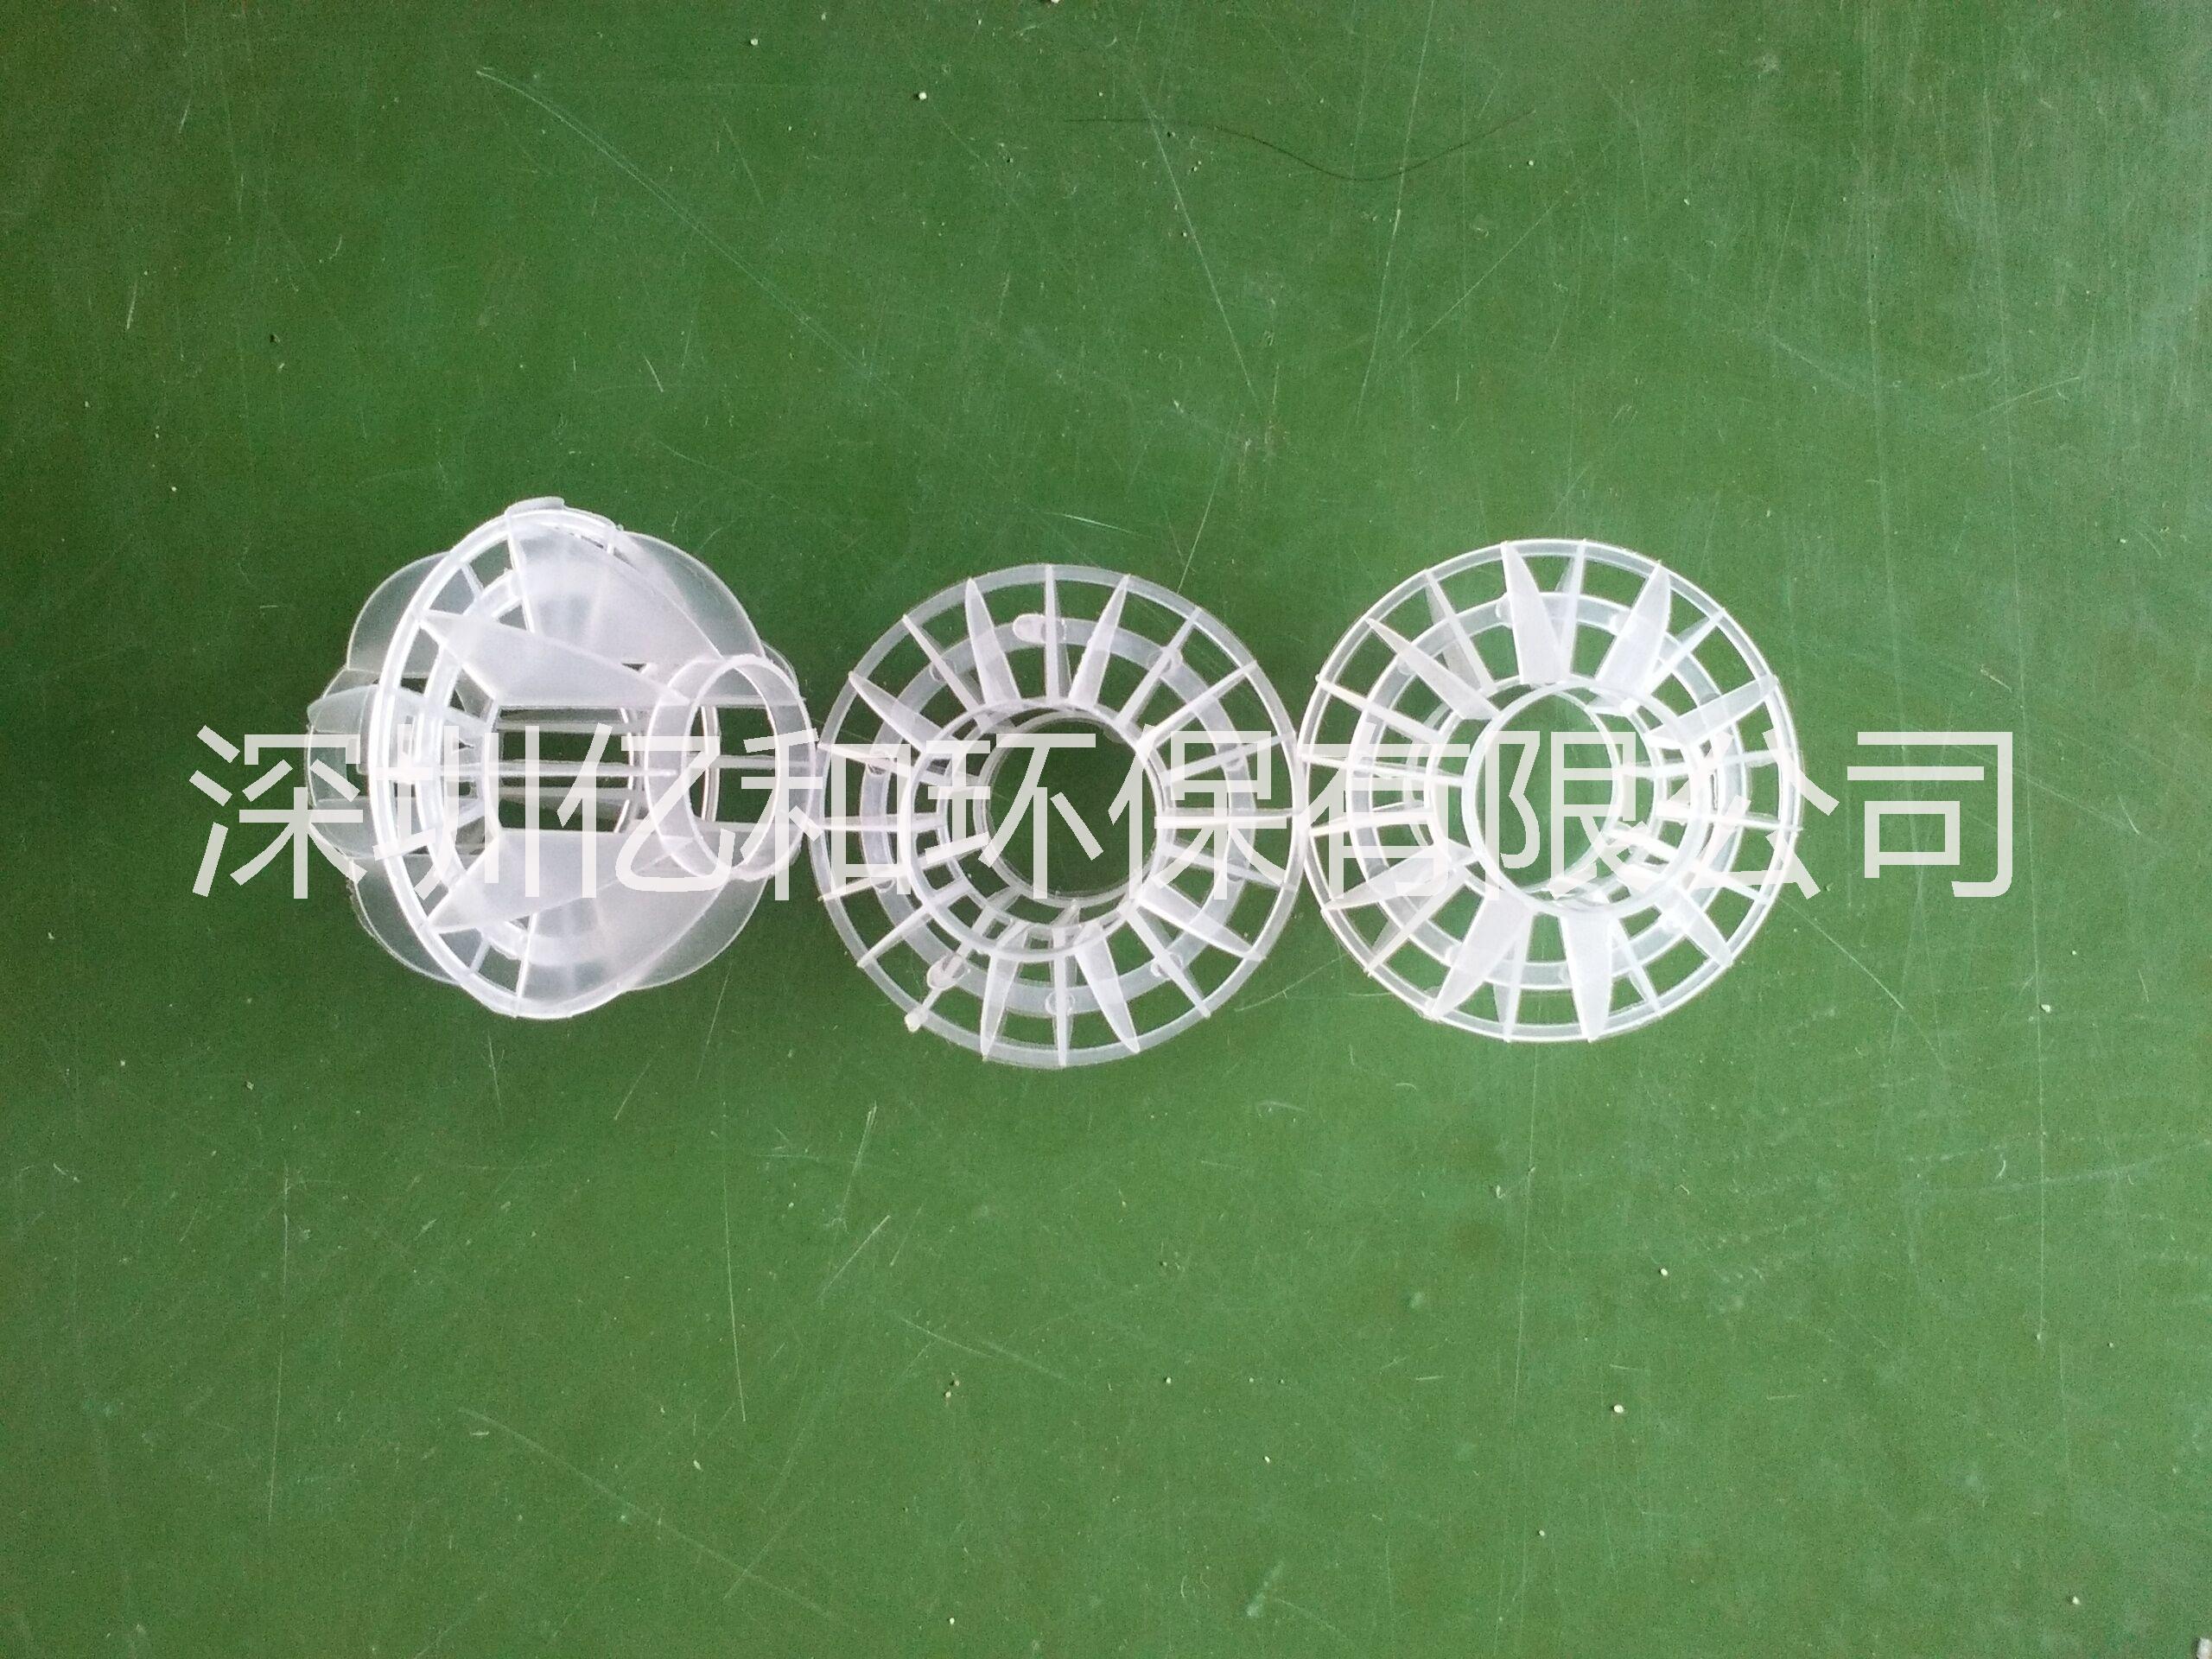 供应用于废气塔填料|废气净化塔填|pp填料的pp空心球